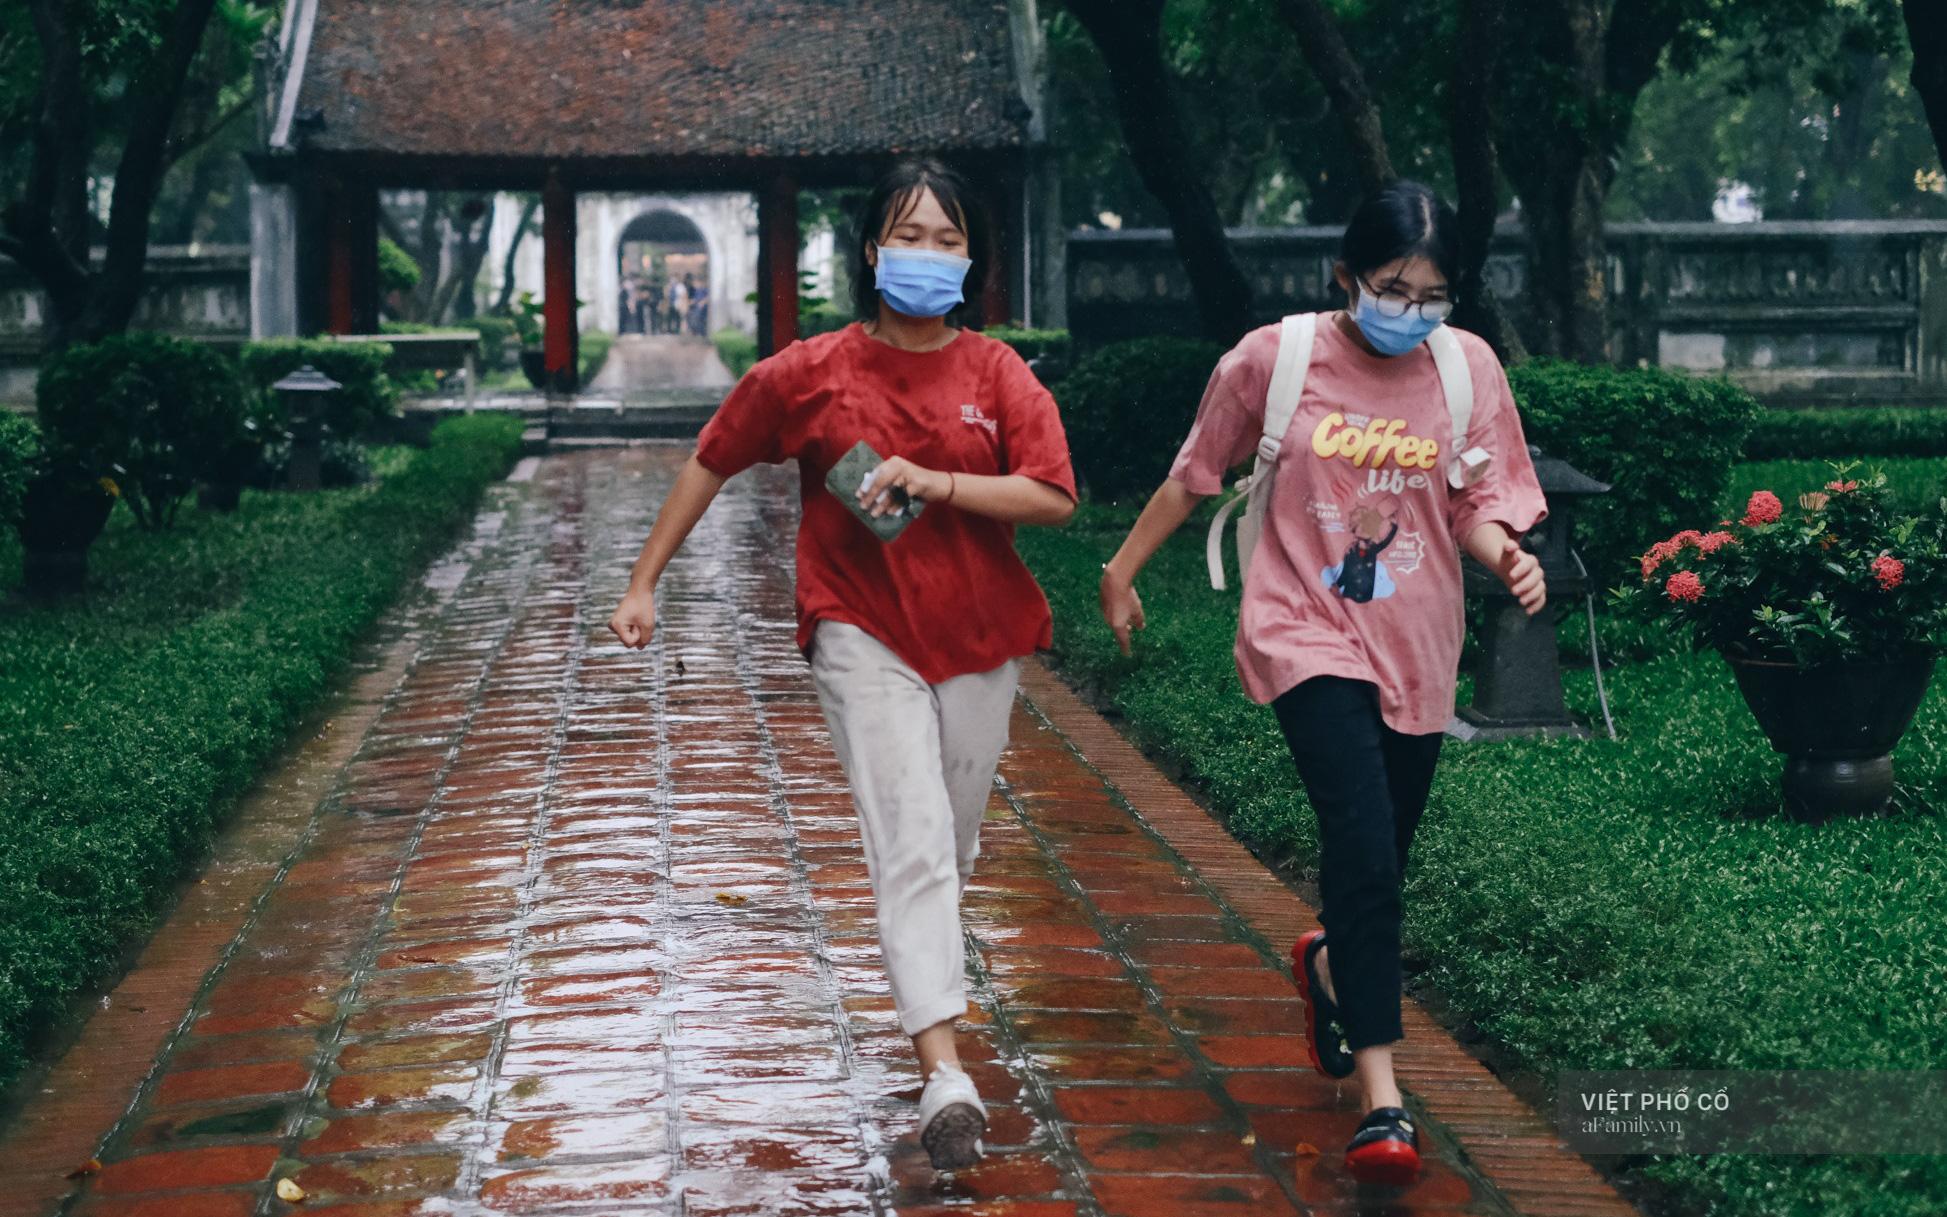 Ảnh: Sĩ tử đội mưa thắp hương cầu may ở Văn Miếu trước kỳ thi THPT